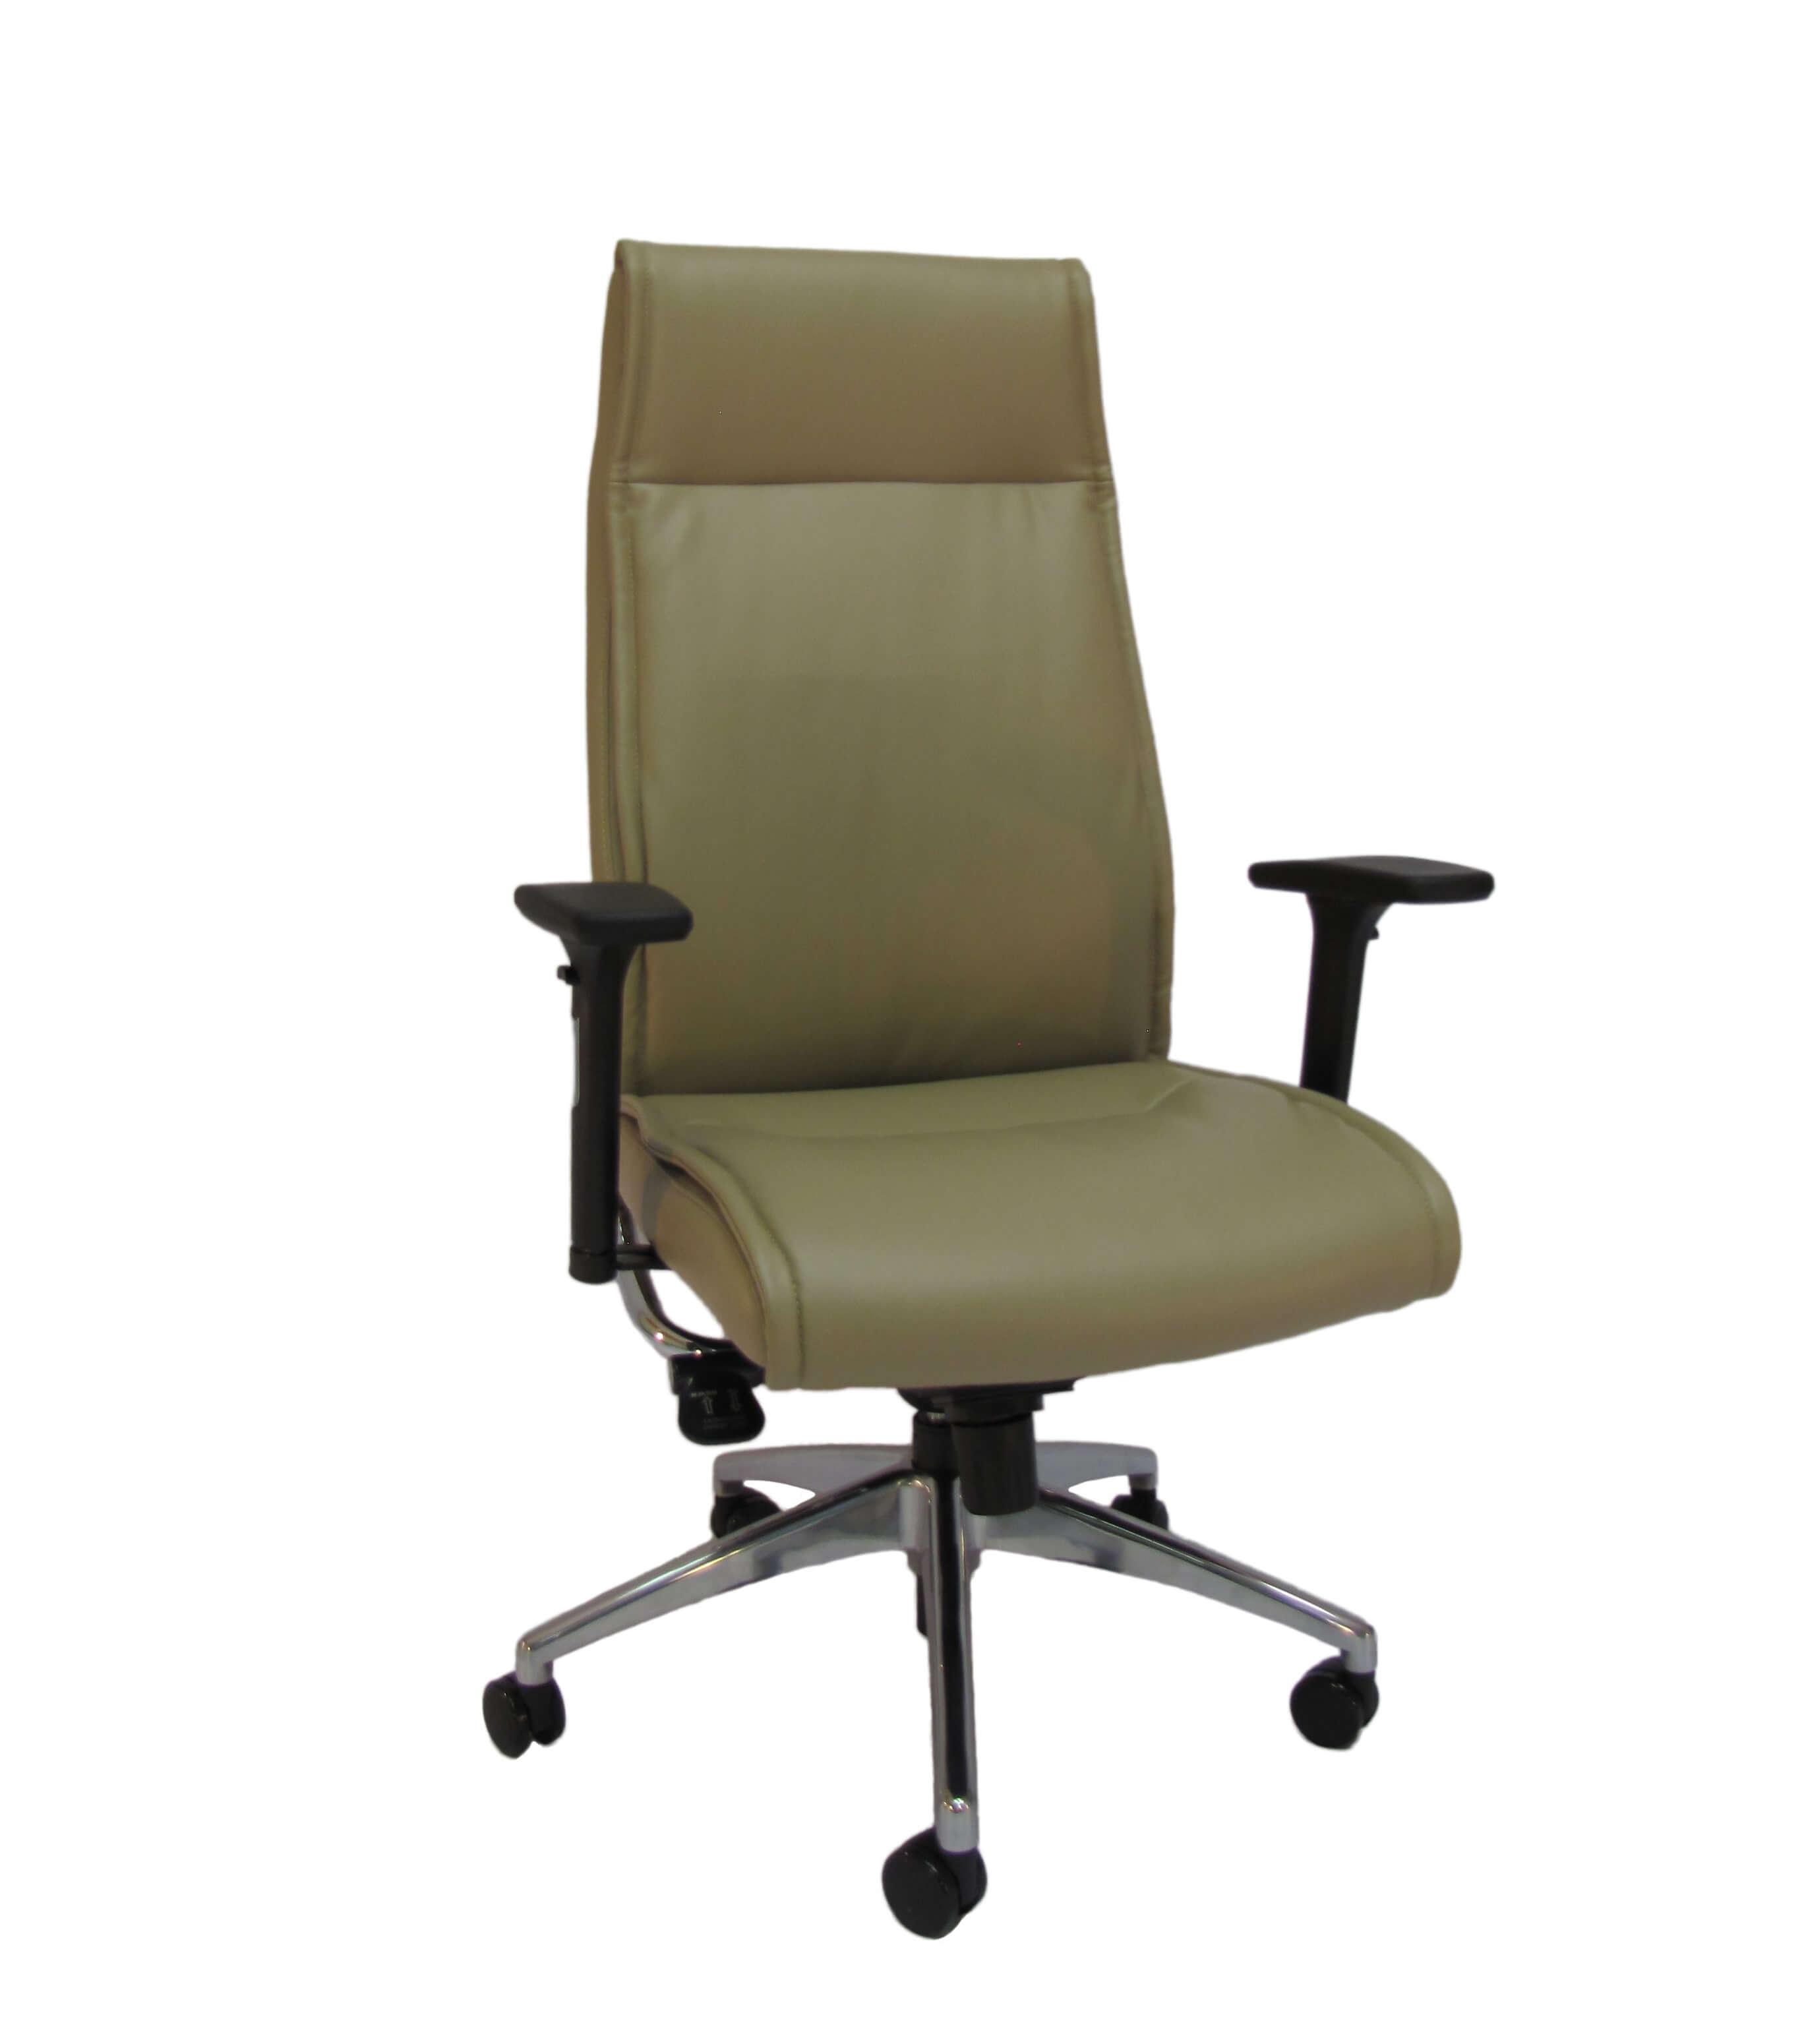 Natūralios odos ergonominė kėdė Jersey HB LE su atrama galvai.